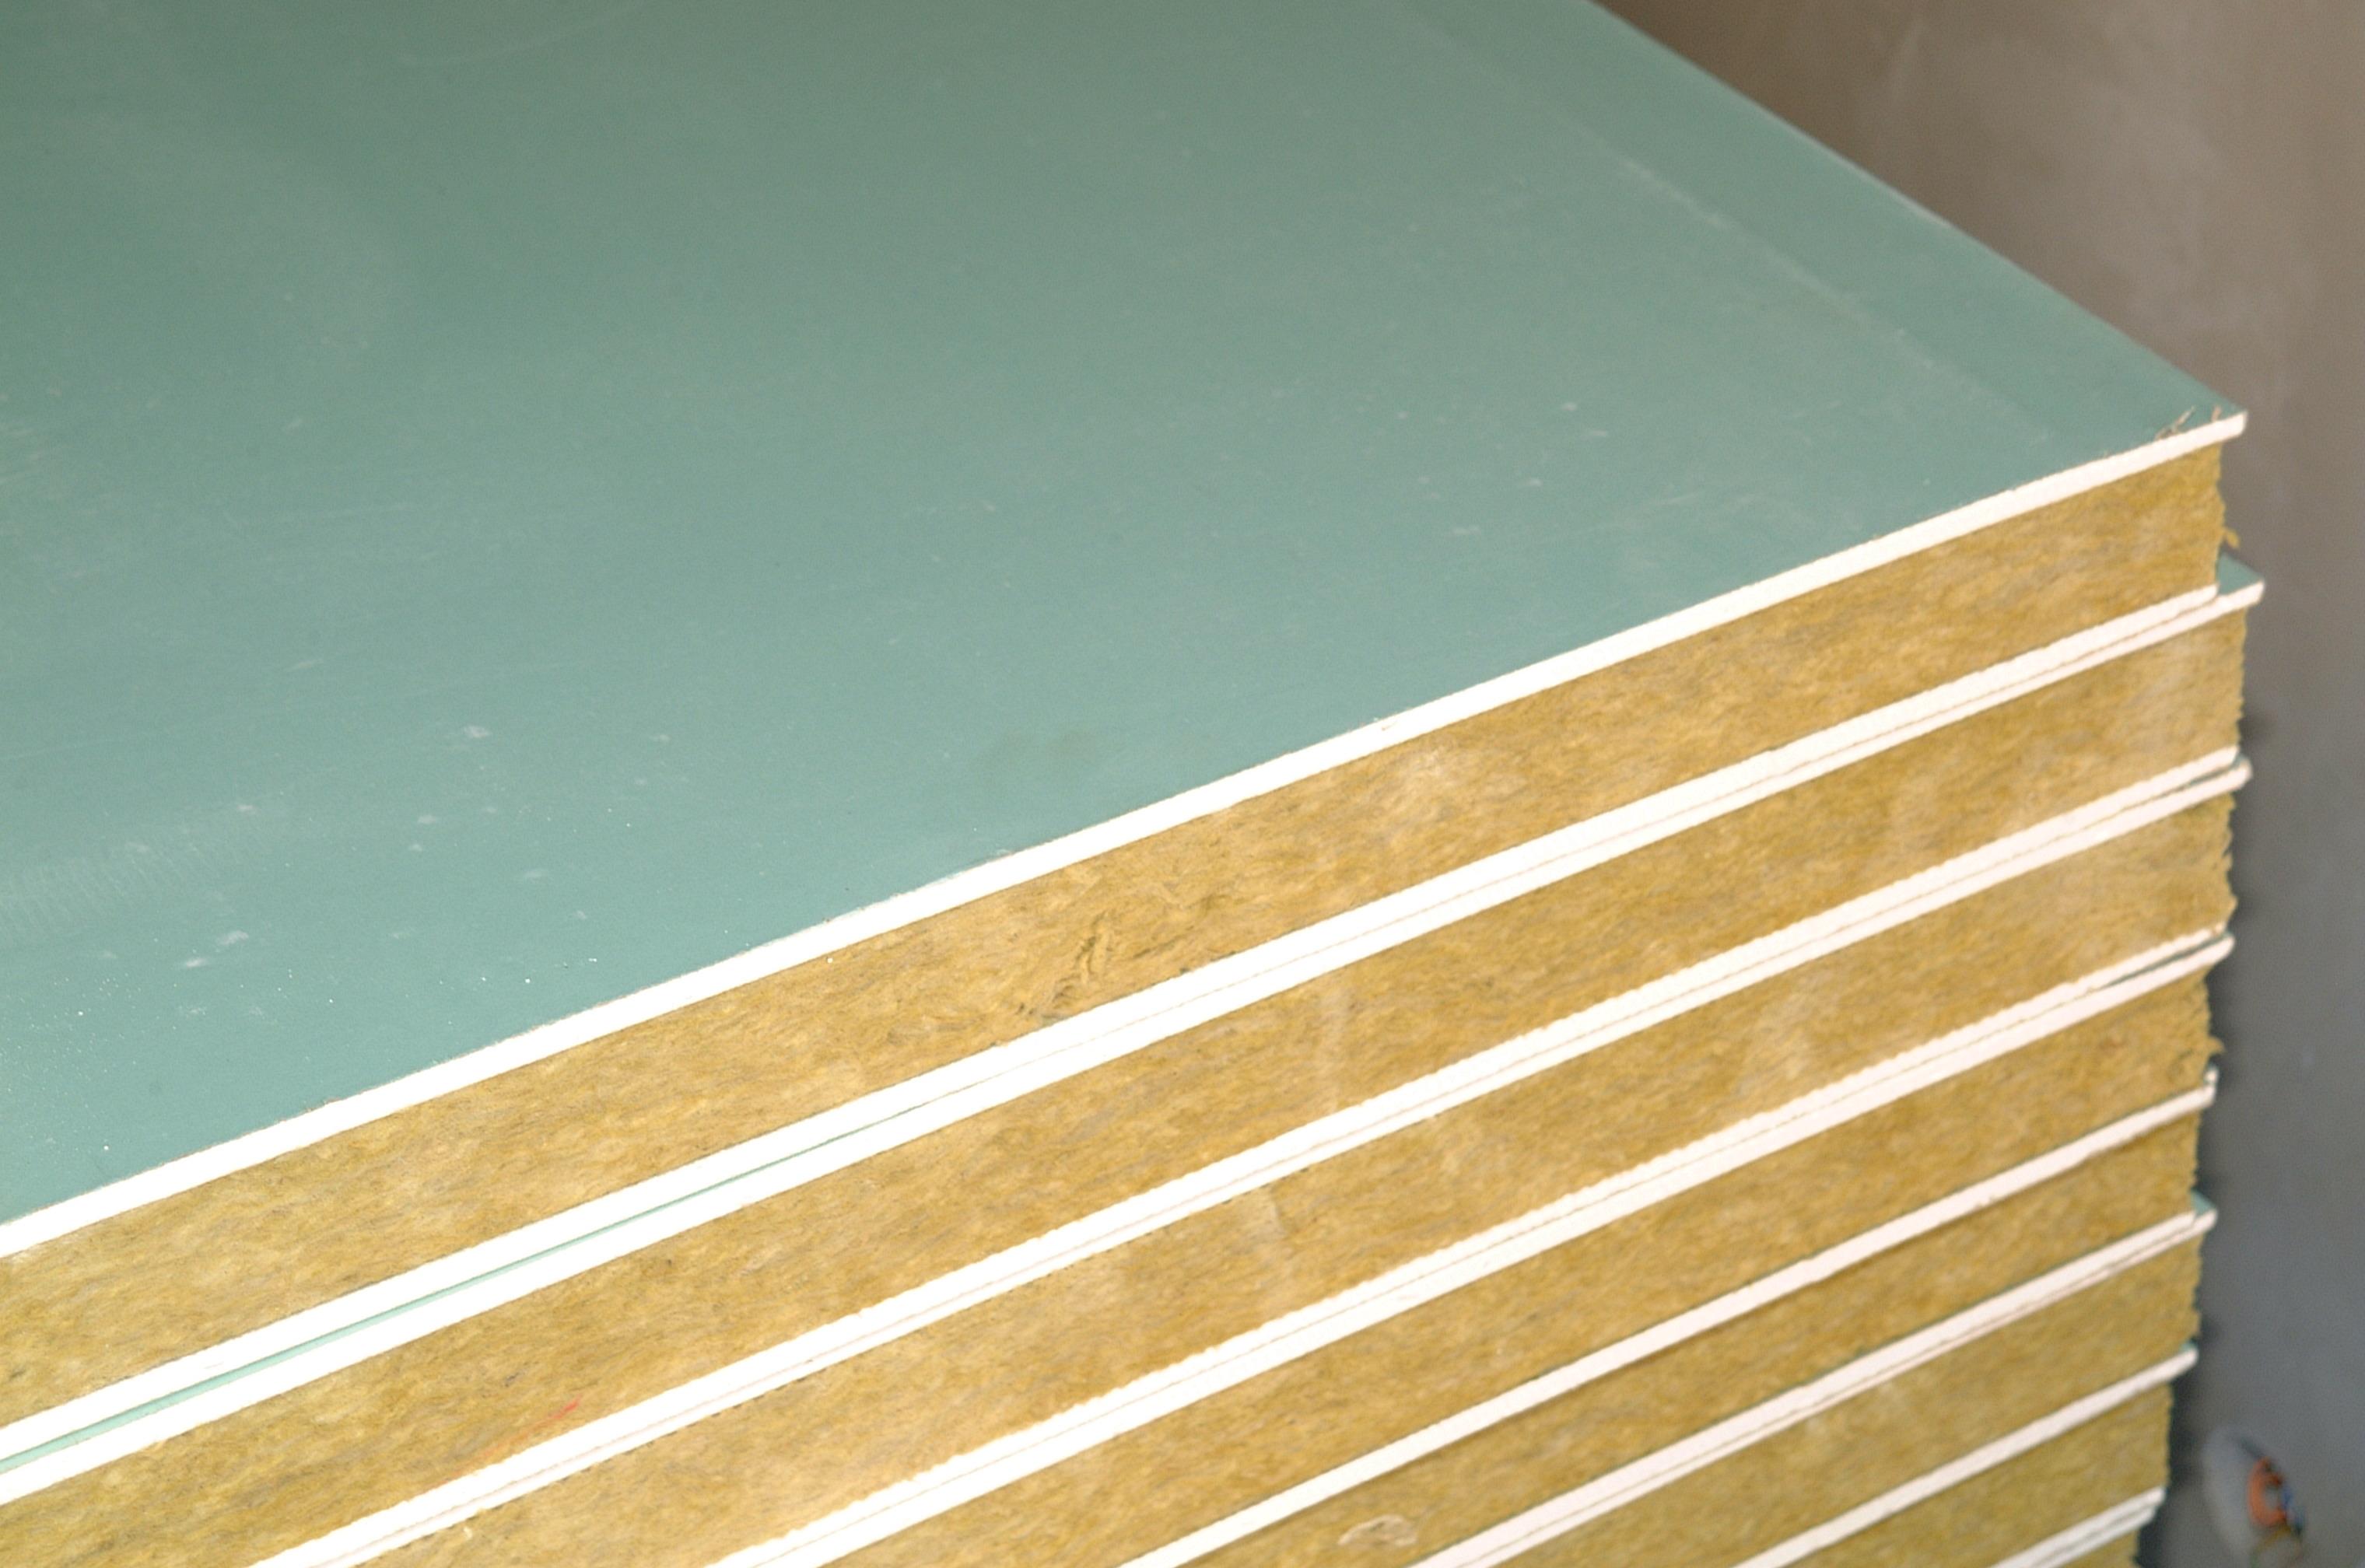 Fournisseurs mat riaux cloisons pl treries faux for Materiaux pour faux plafond